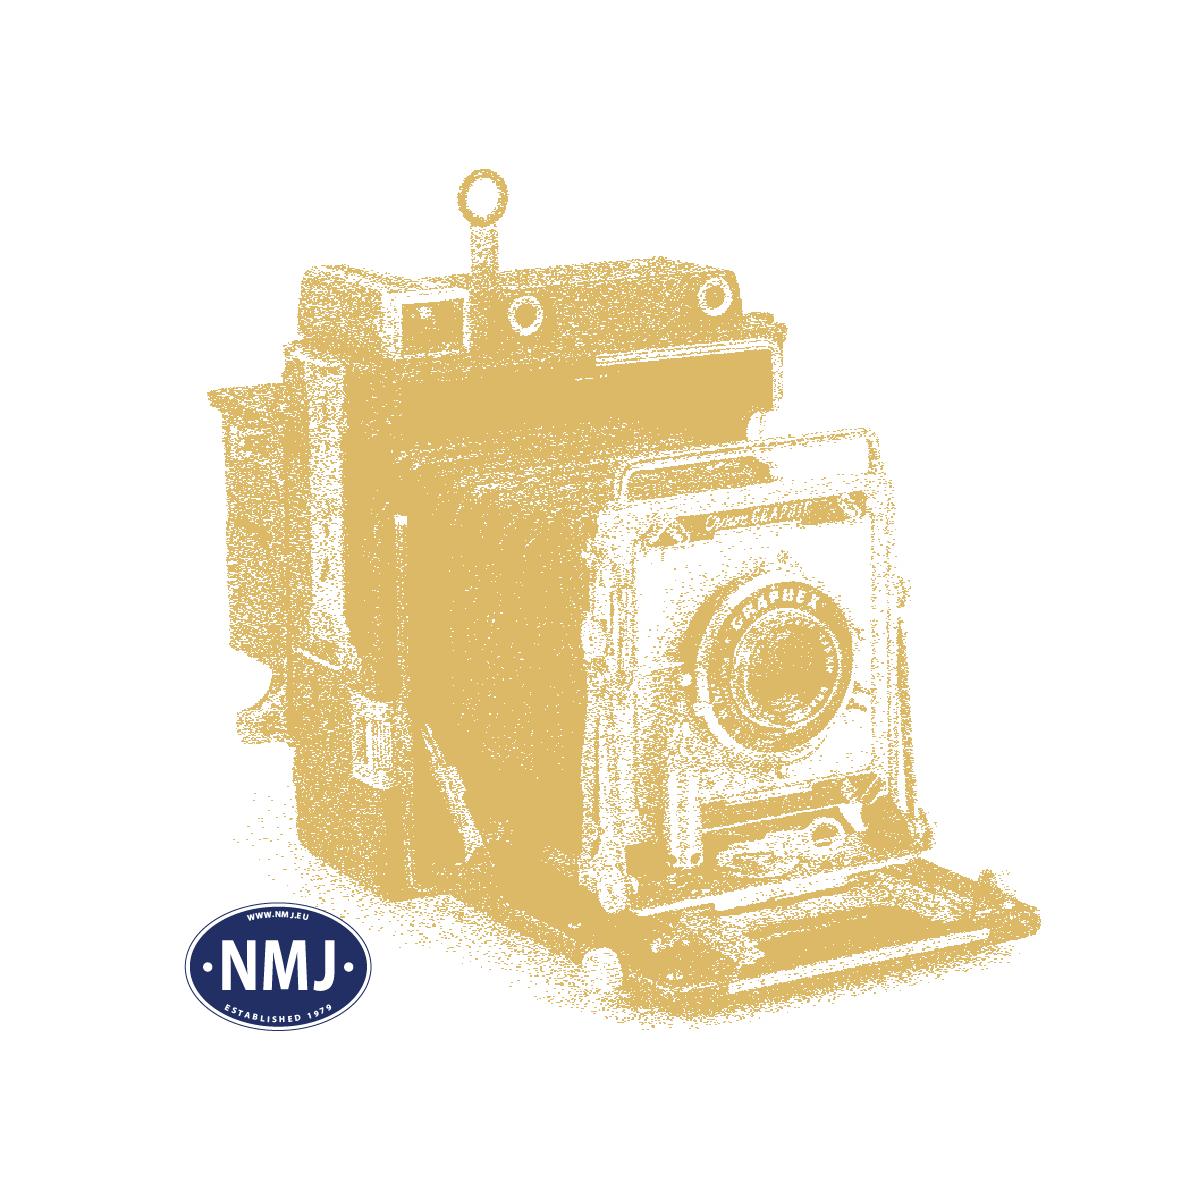 NMJT401.102 - NMJ Topline MAV Personvogn Apmz 10-91 101-4, 1. Klasse